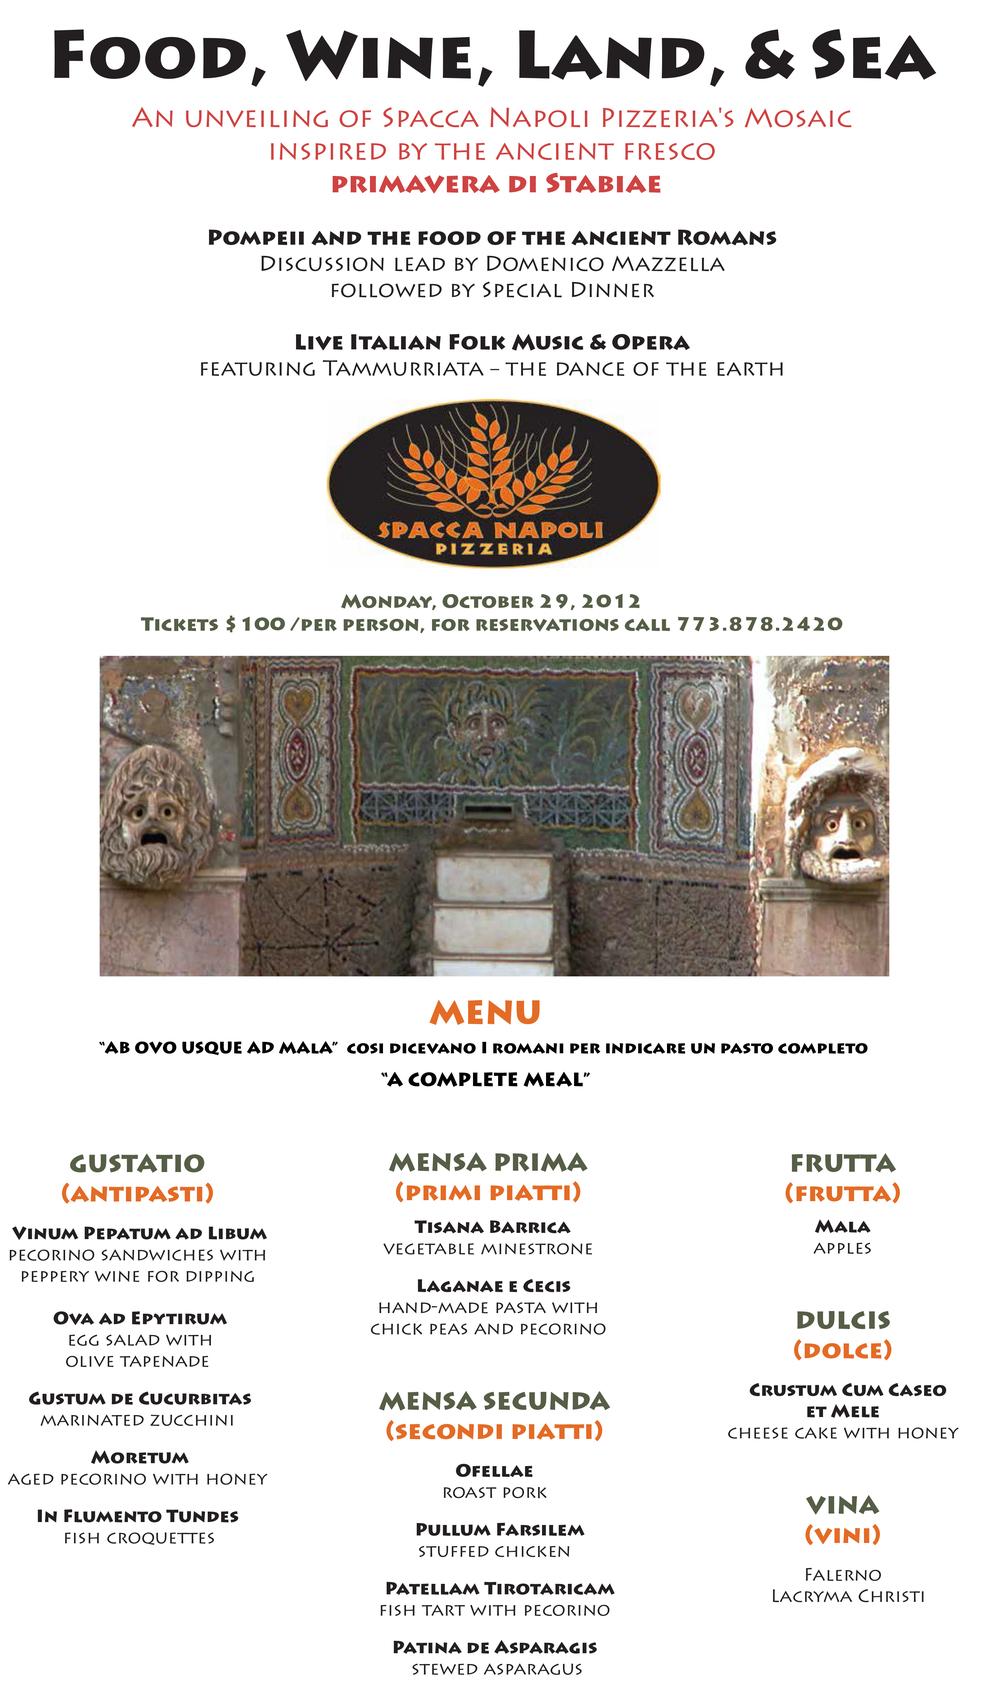 Spacca Pompeii event